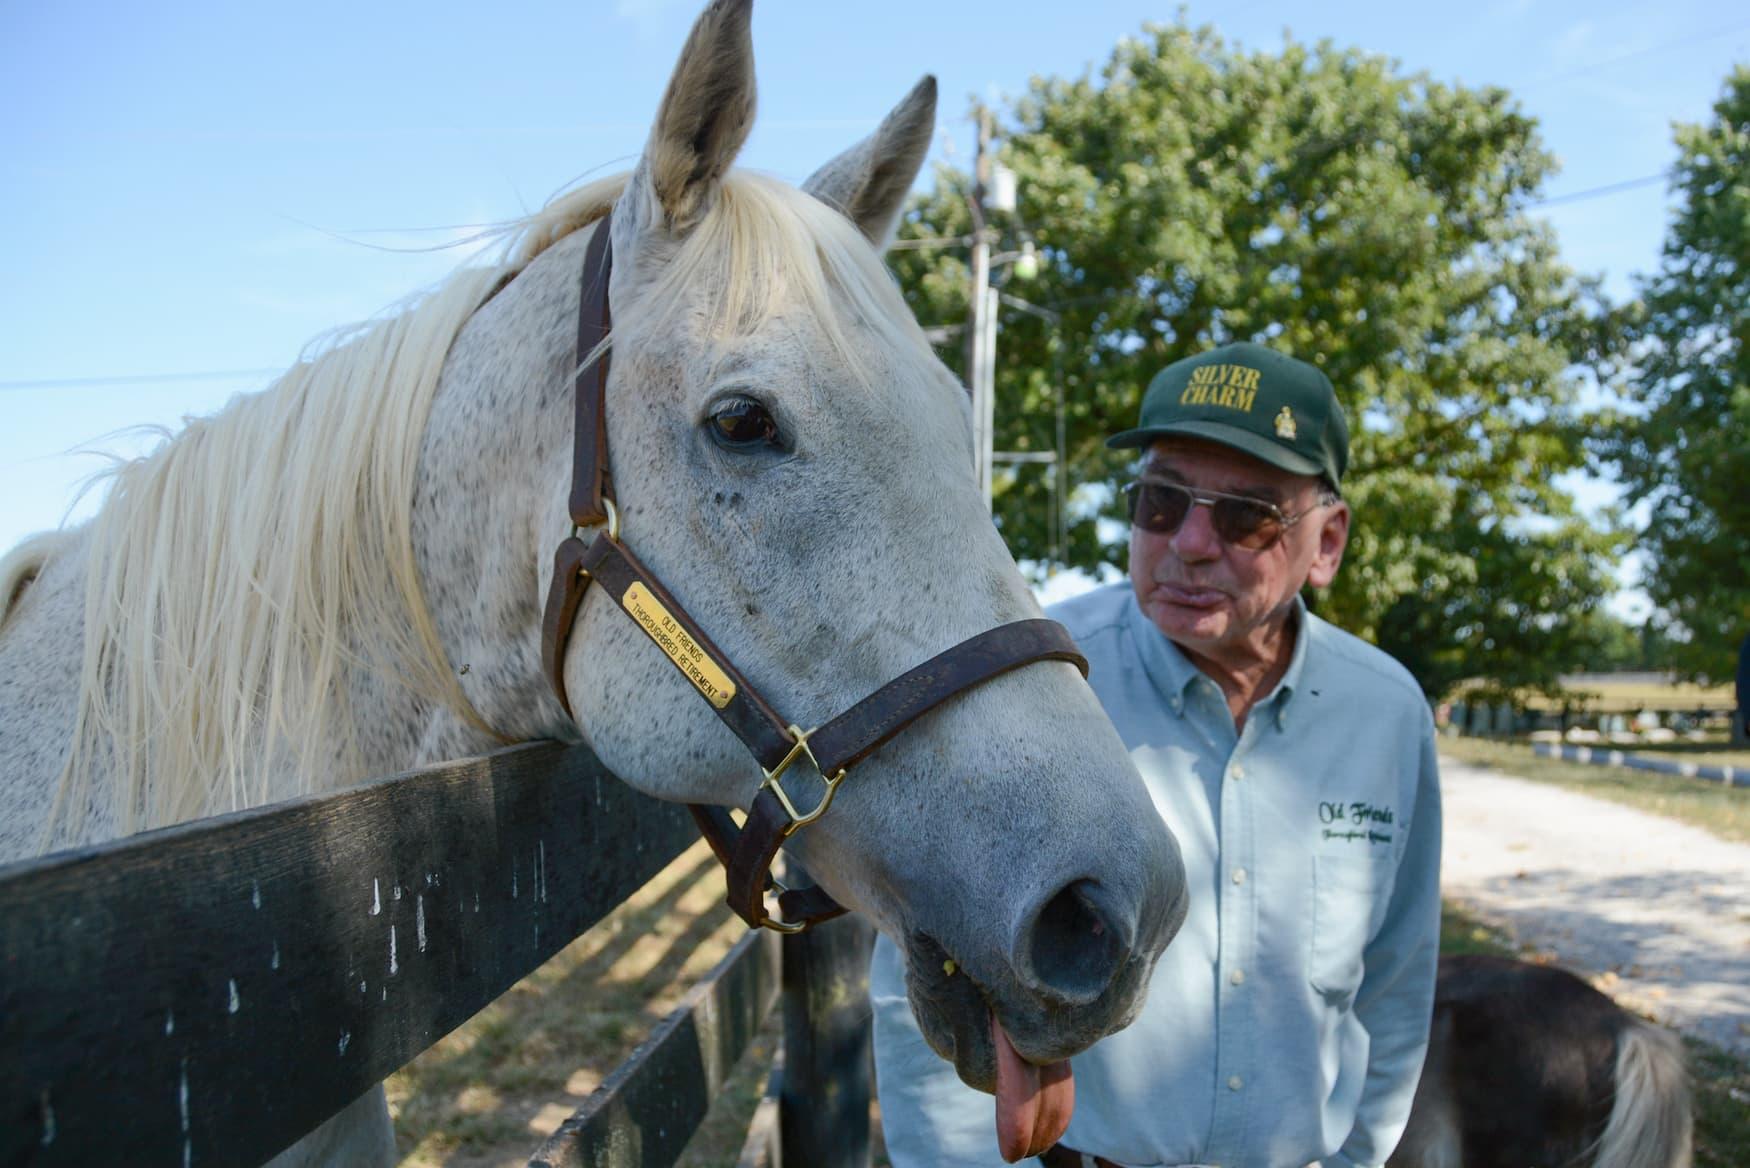 Rennpferd im Altersheim in Kentucky: Silver Charm und Michael Blouwen haben sich gesucht und gefunden